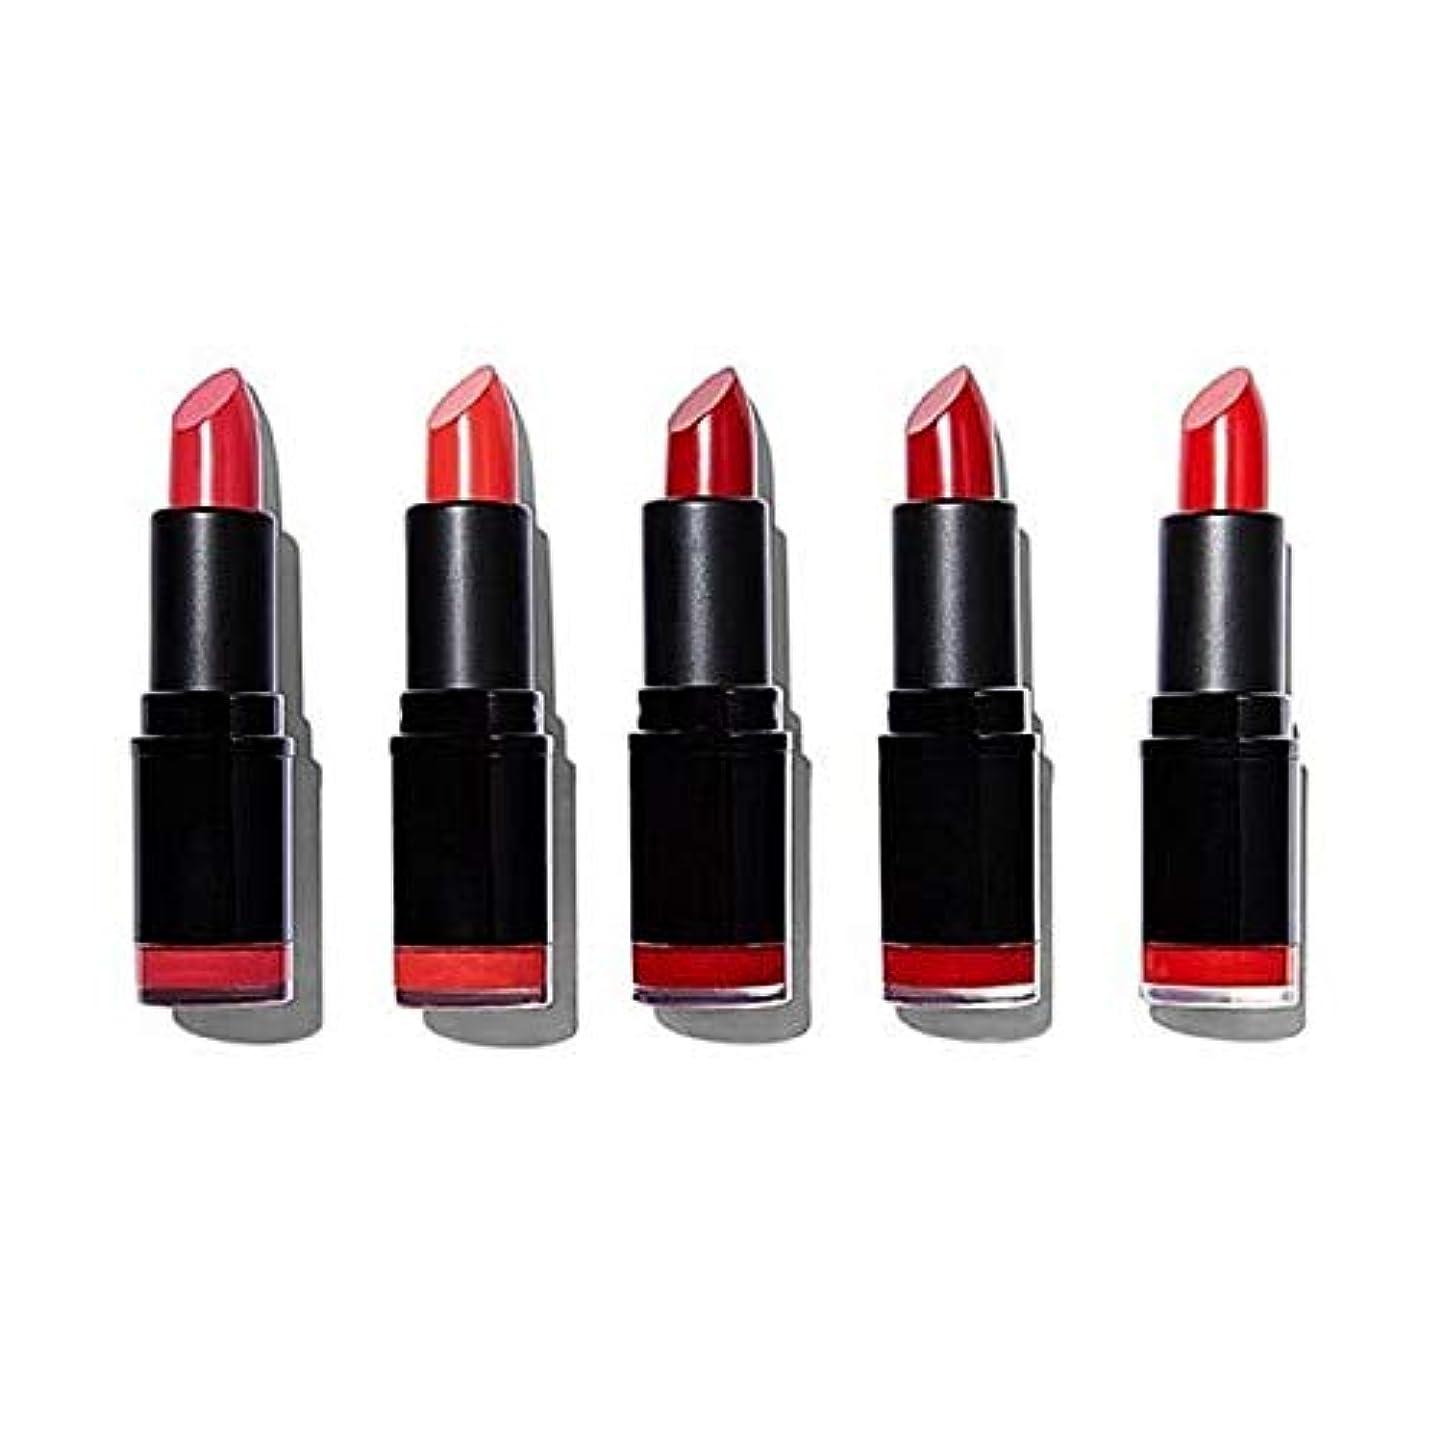 二度時々パッケージ[Revolution ] 革命プロ口紅のコレクション赤 - Revolution Pro Lipstick Collection Reds [並行輸入品]